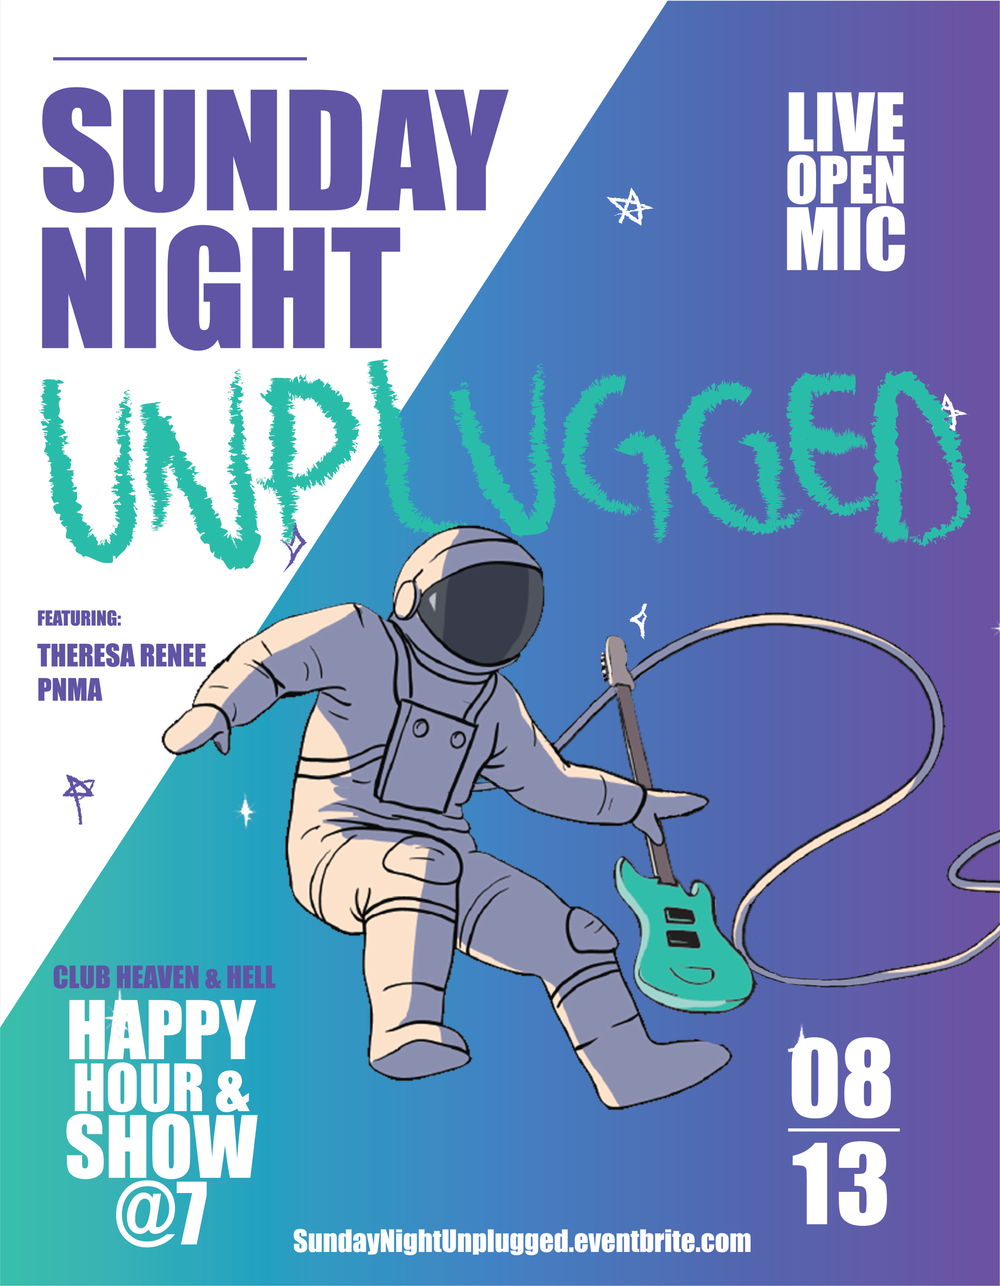 Sunday Night Unplugged